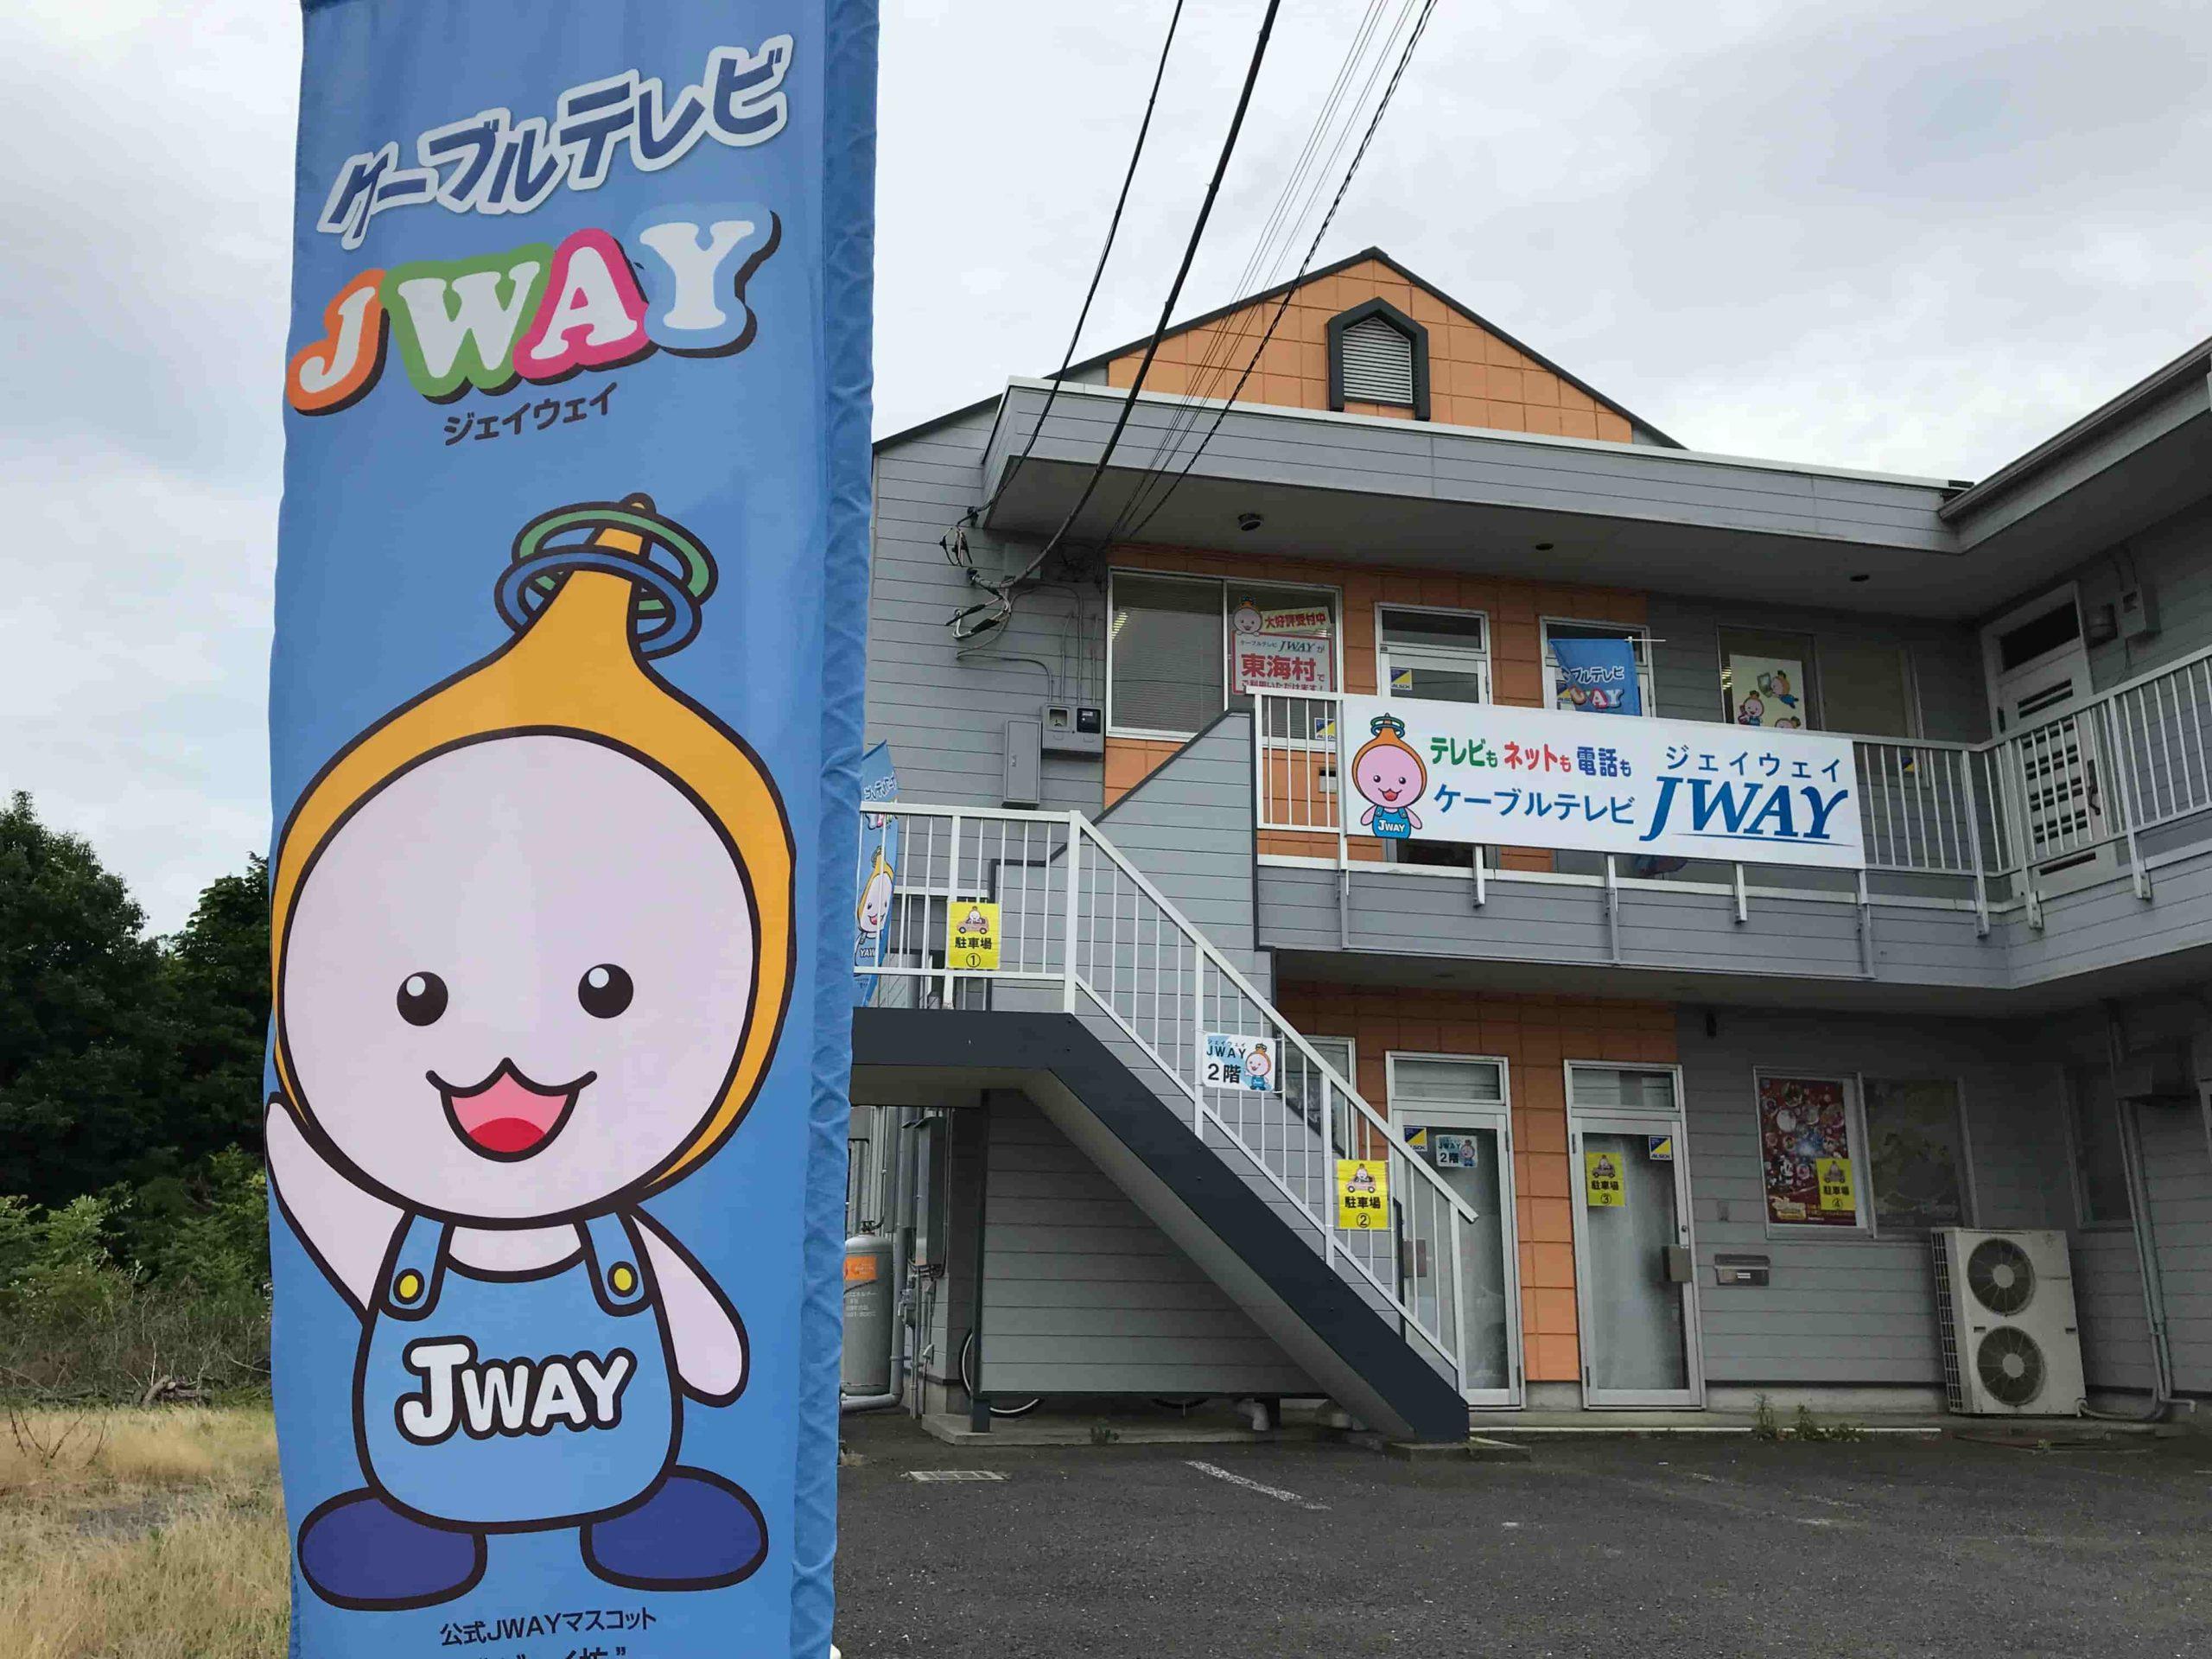 ケーブルテレビ JWAY